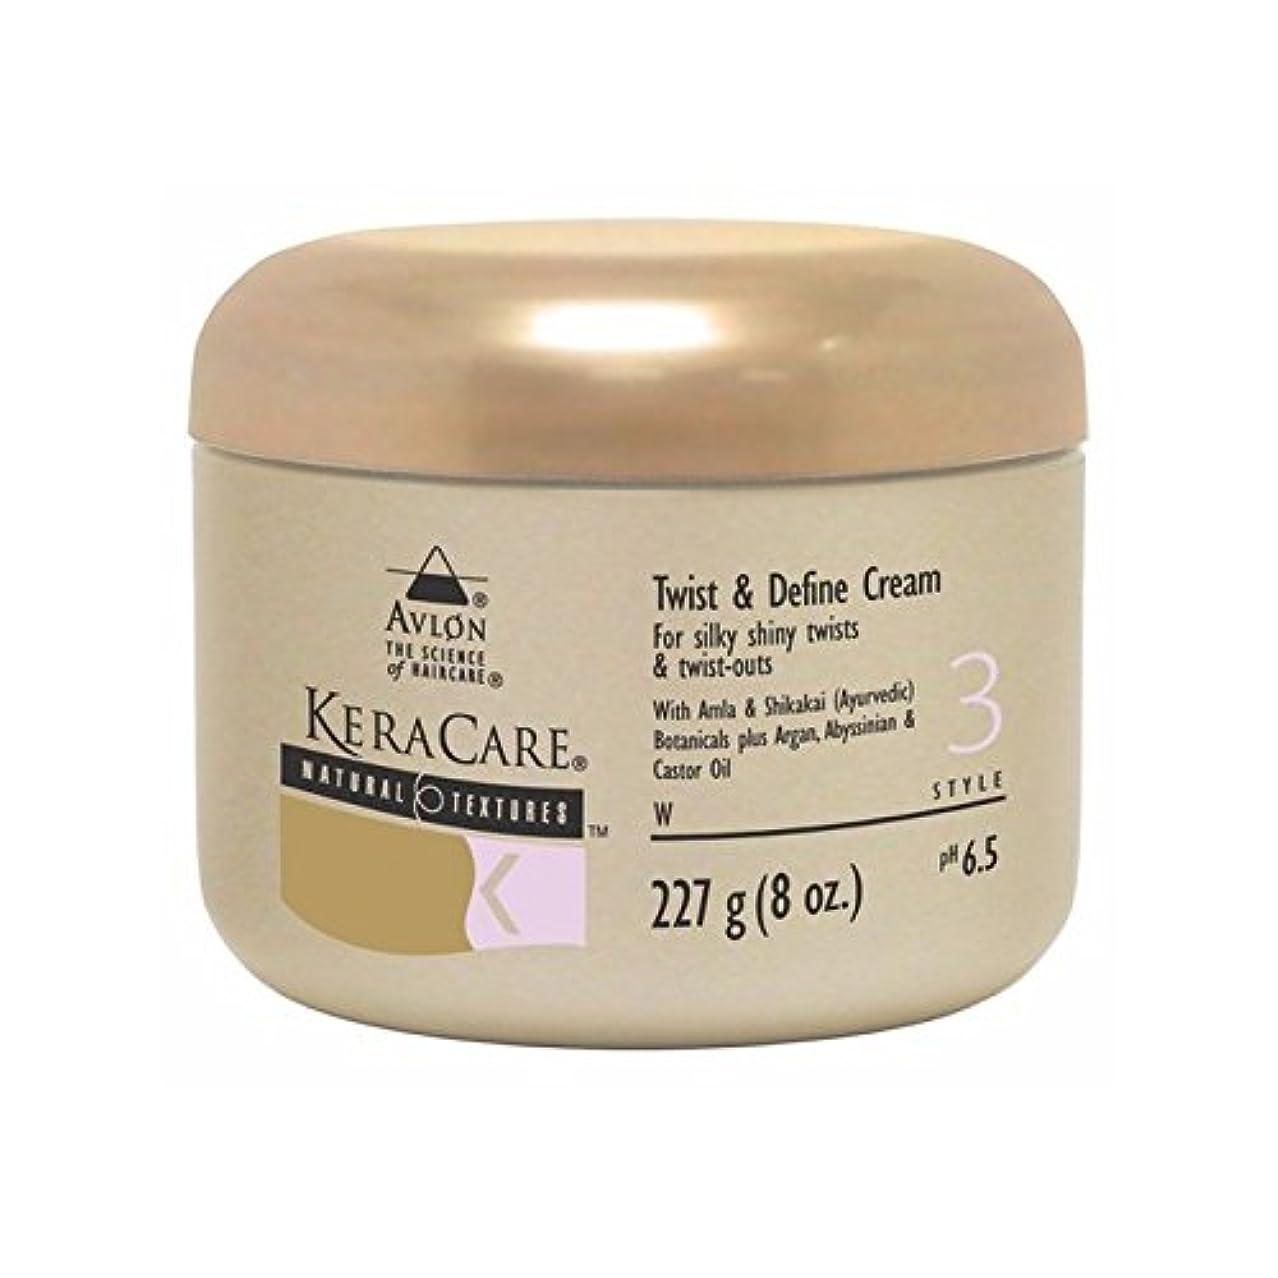 起こる削減名前でKeracare Natural Textures Twist & Define Cream (227G) (Pack of 6) - 自然な質感のねじれを&クリーム(227グラム)を定義 x6 [並行輸入品]